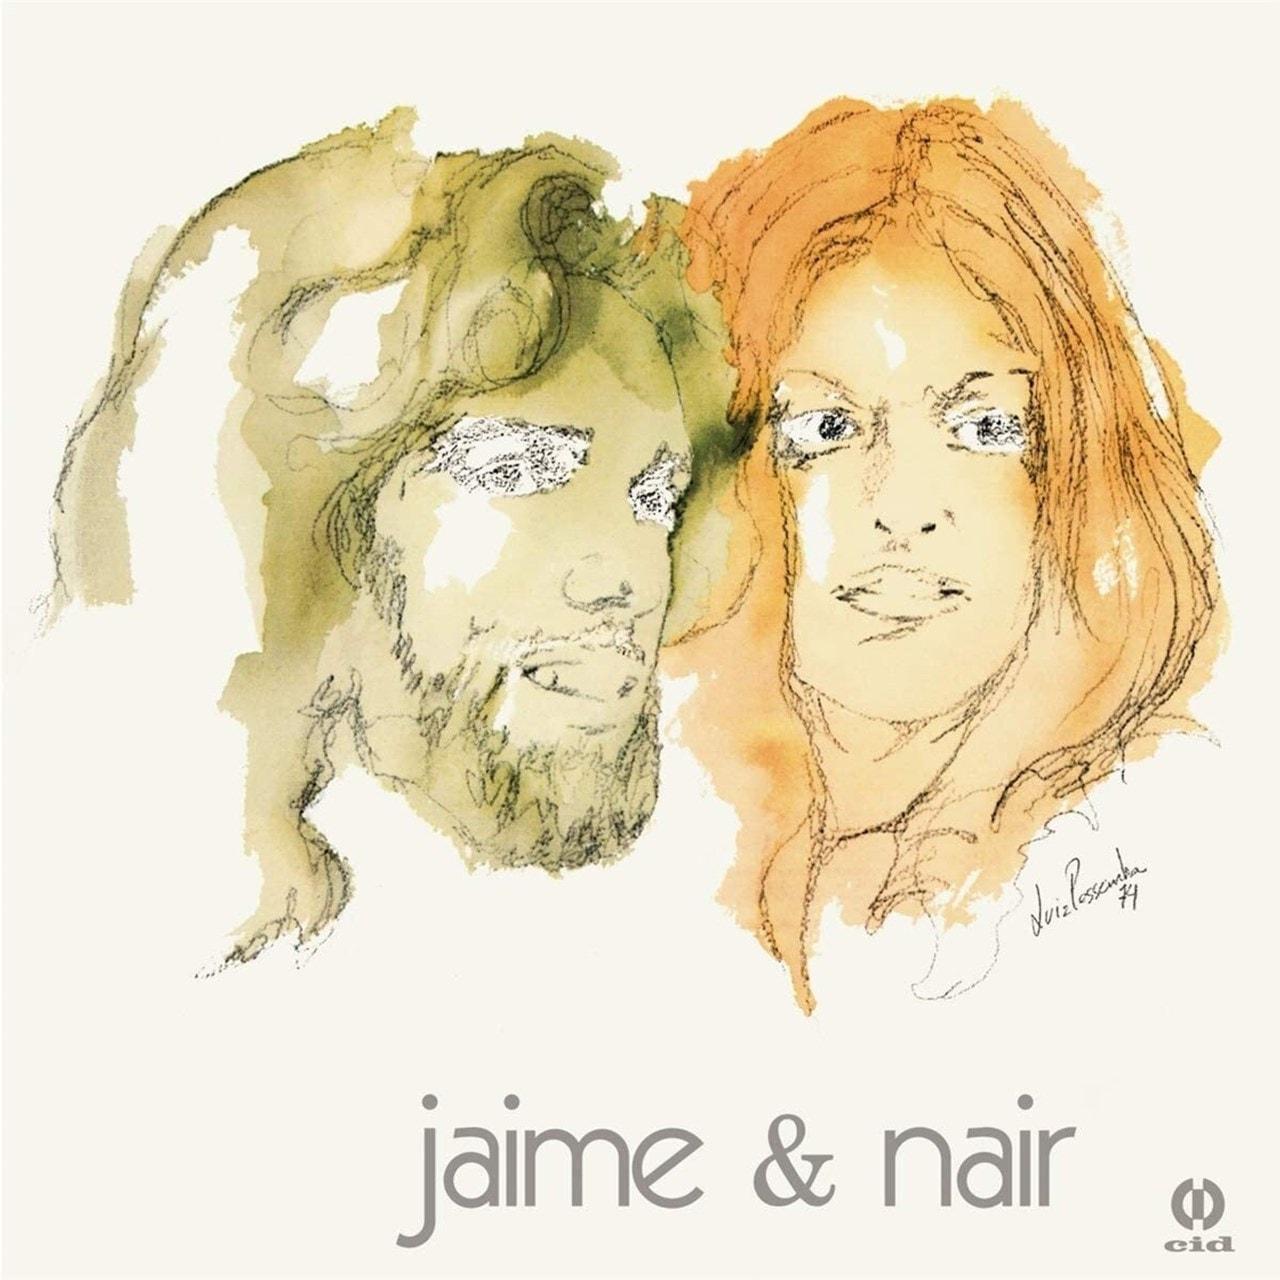 Jaime & Nair - 1